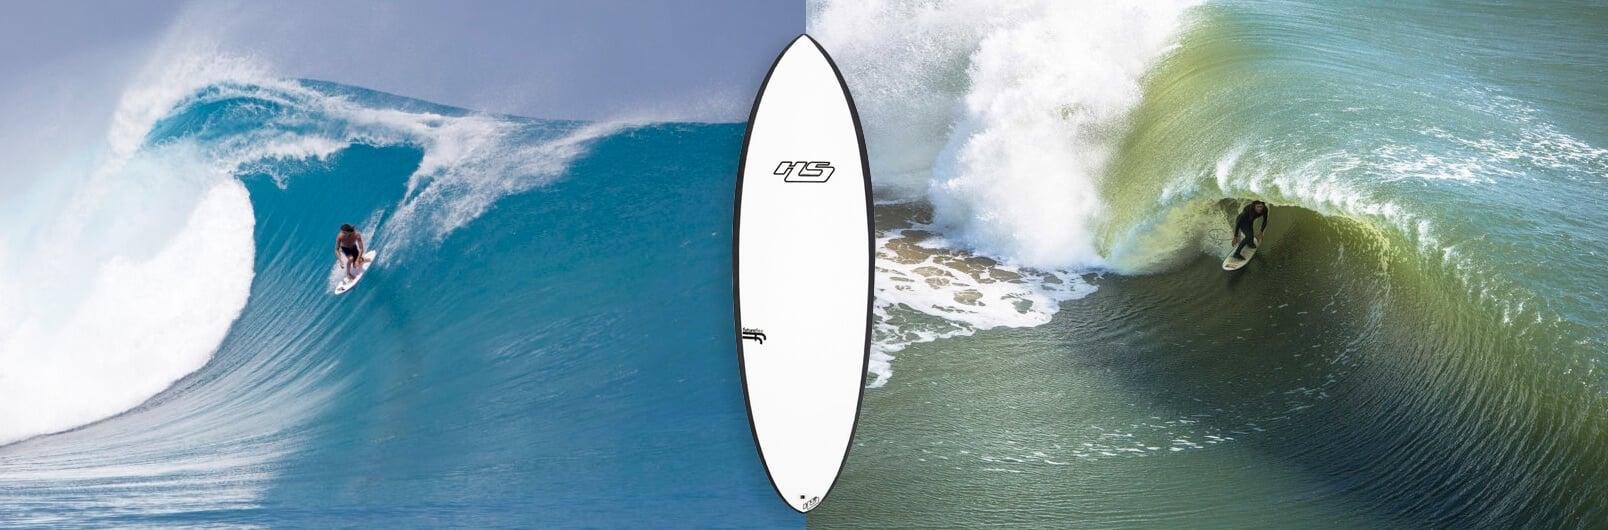 Craig Anderson, Ando,  surfing the hypto krypto